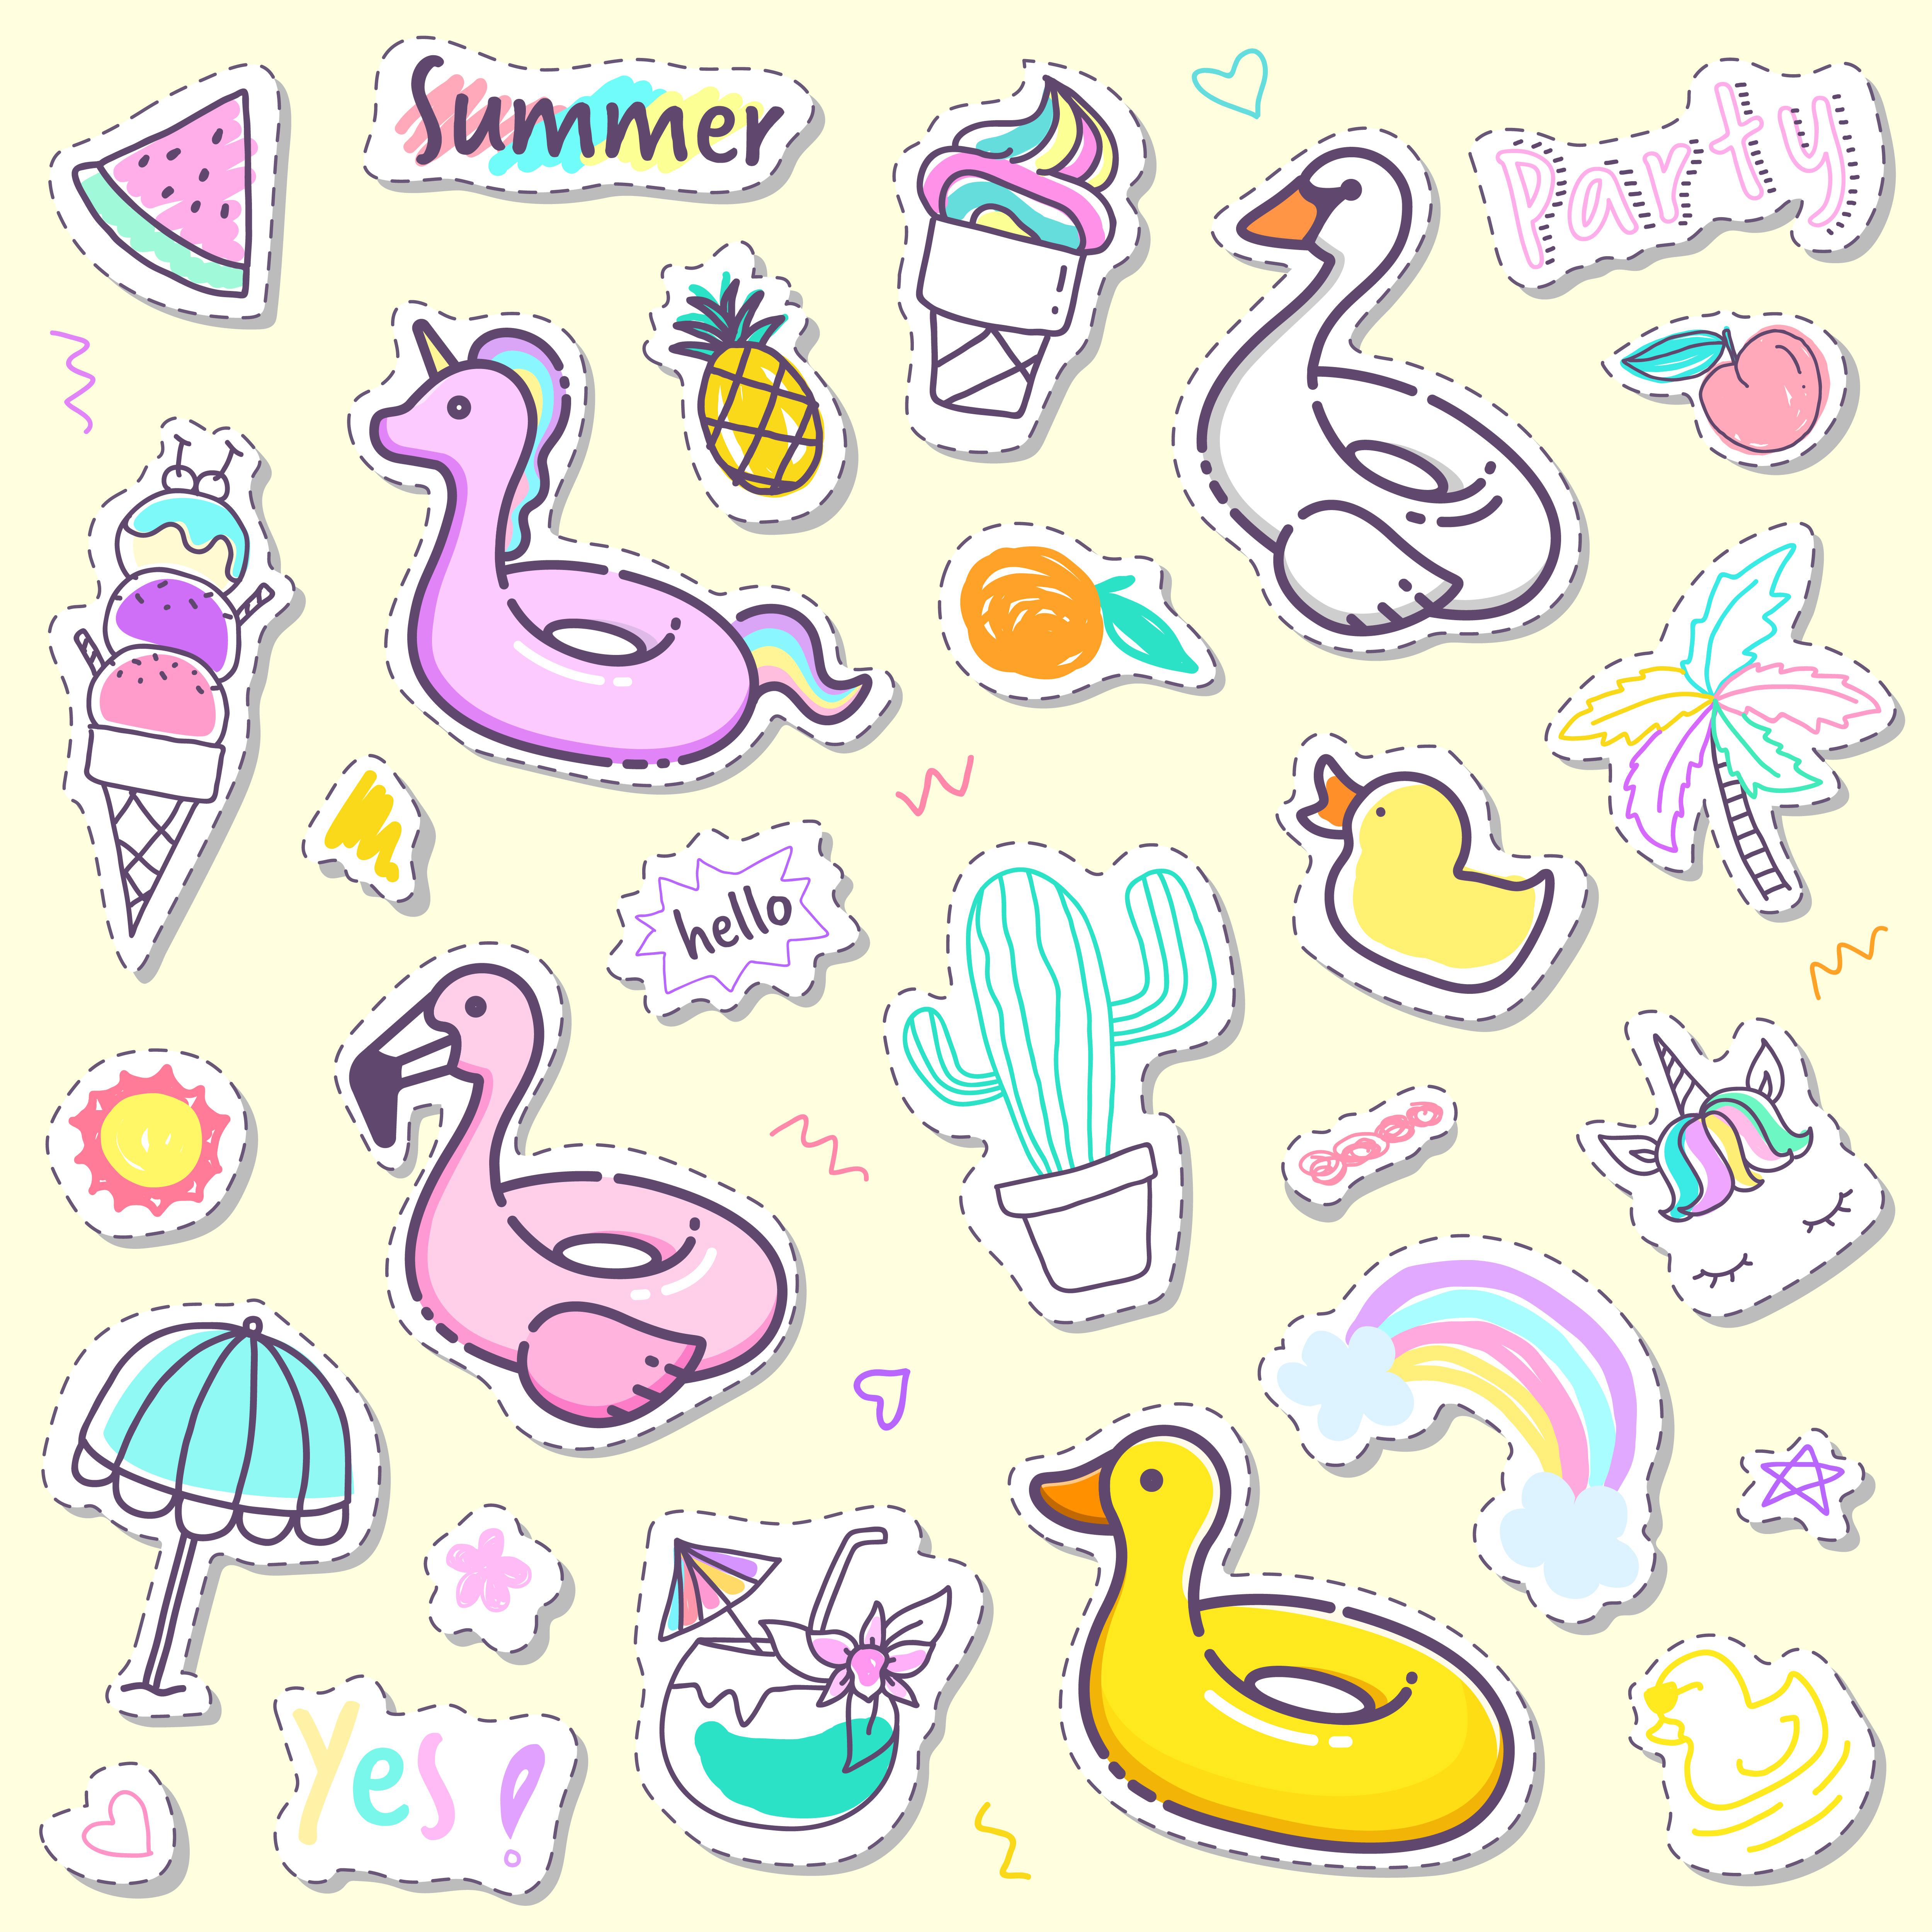 061f74579c Collezione di adesivi estivi carini in colori pastello. - Scarica gratis  arte vettoriale, elementi grafici di repertorio e immagini